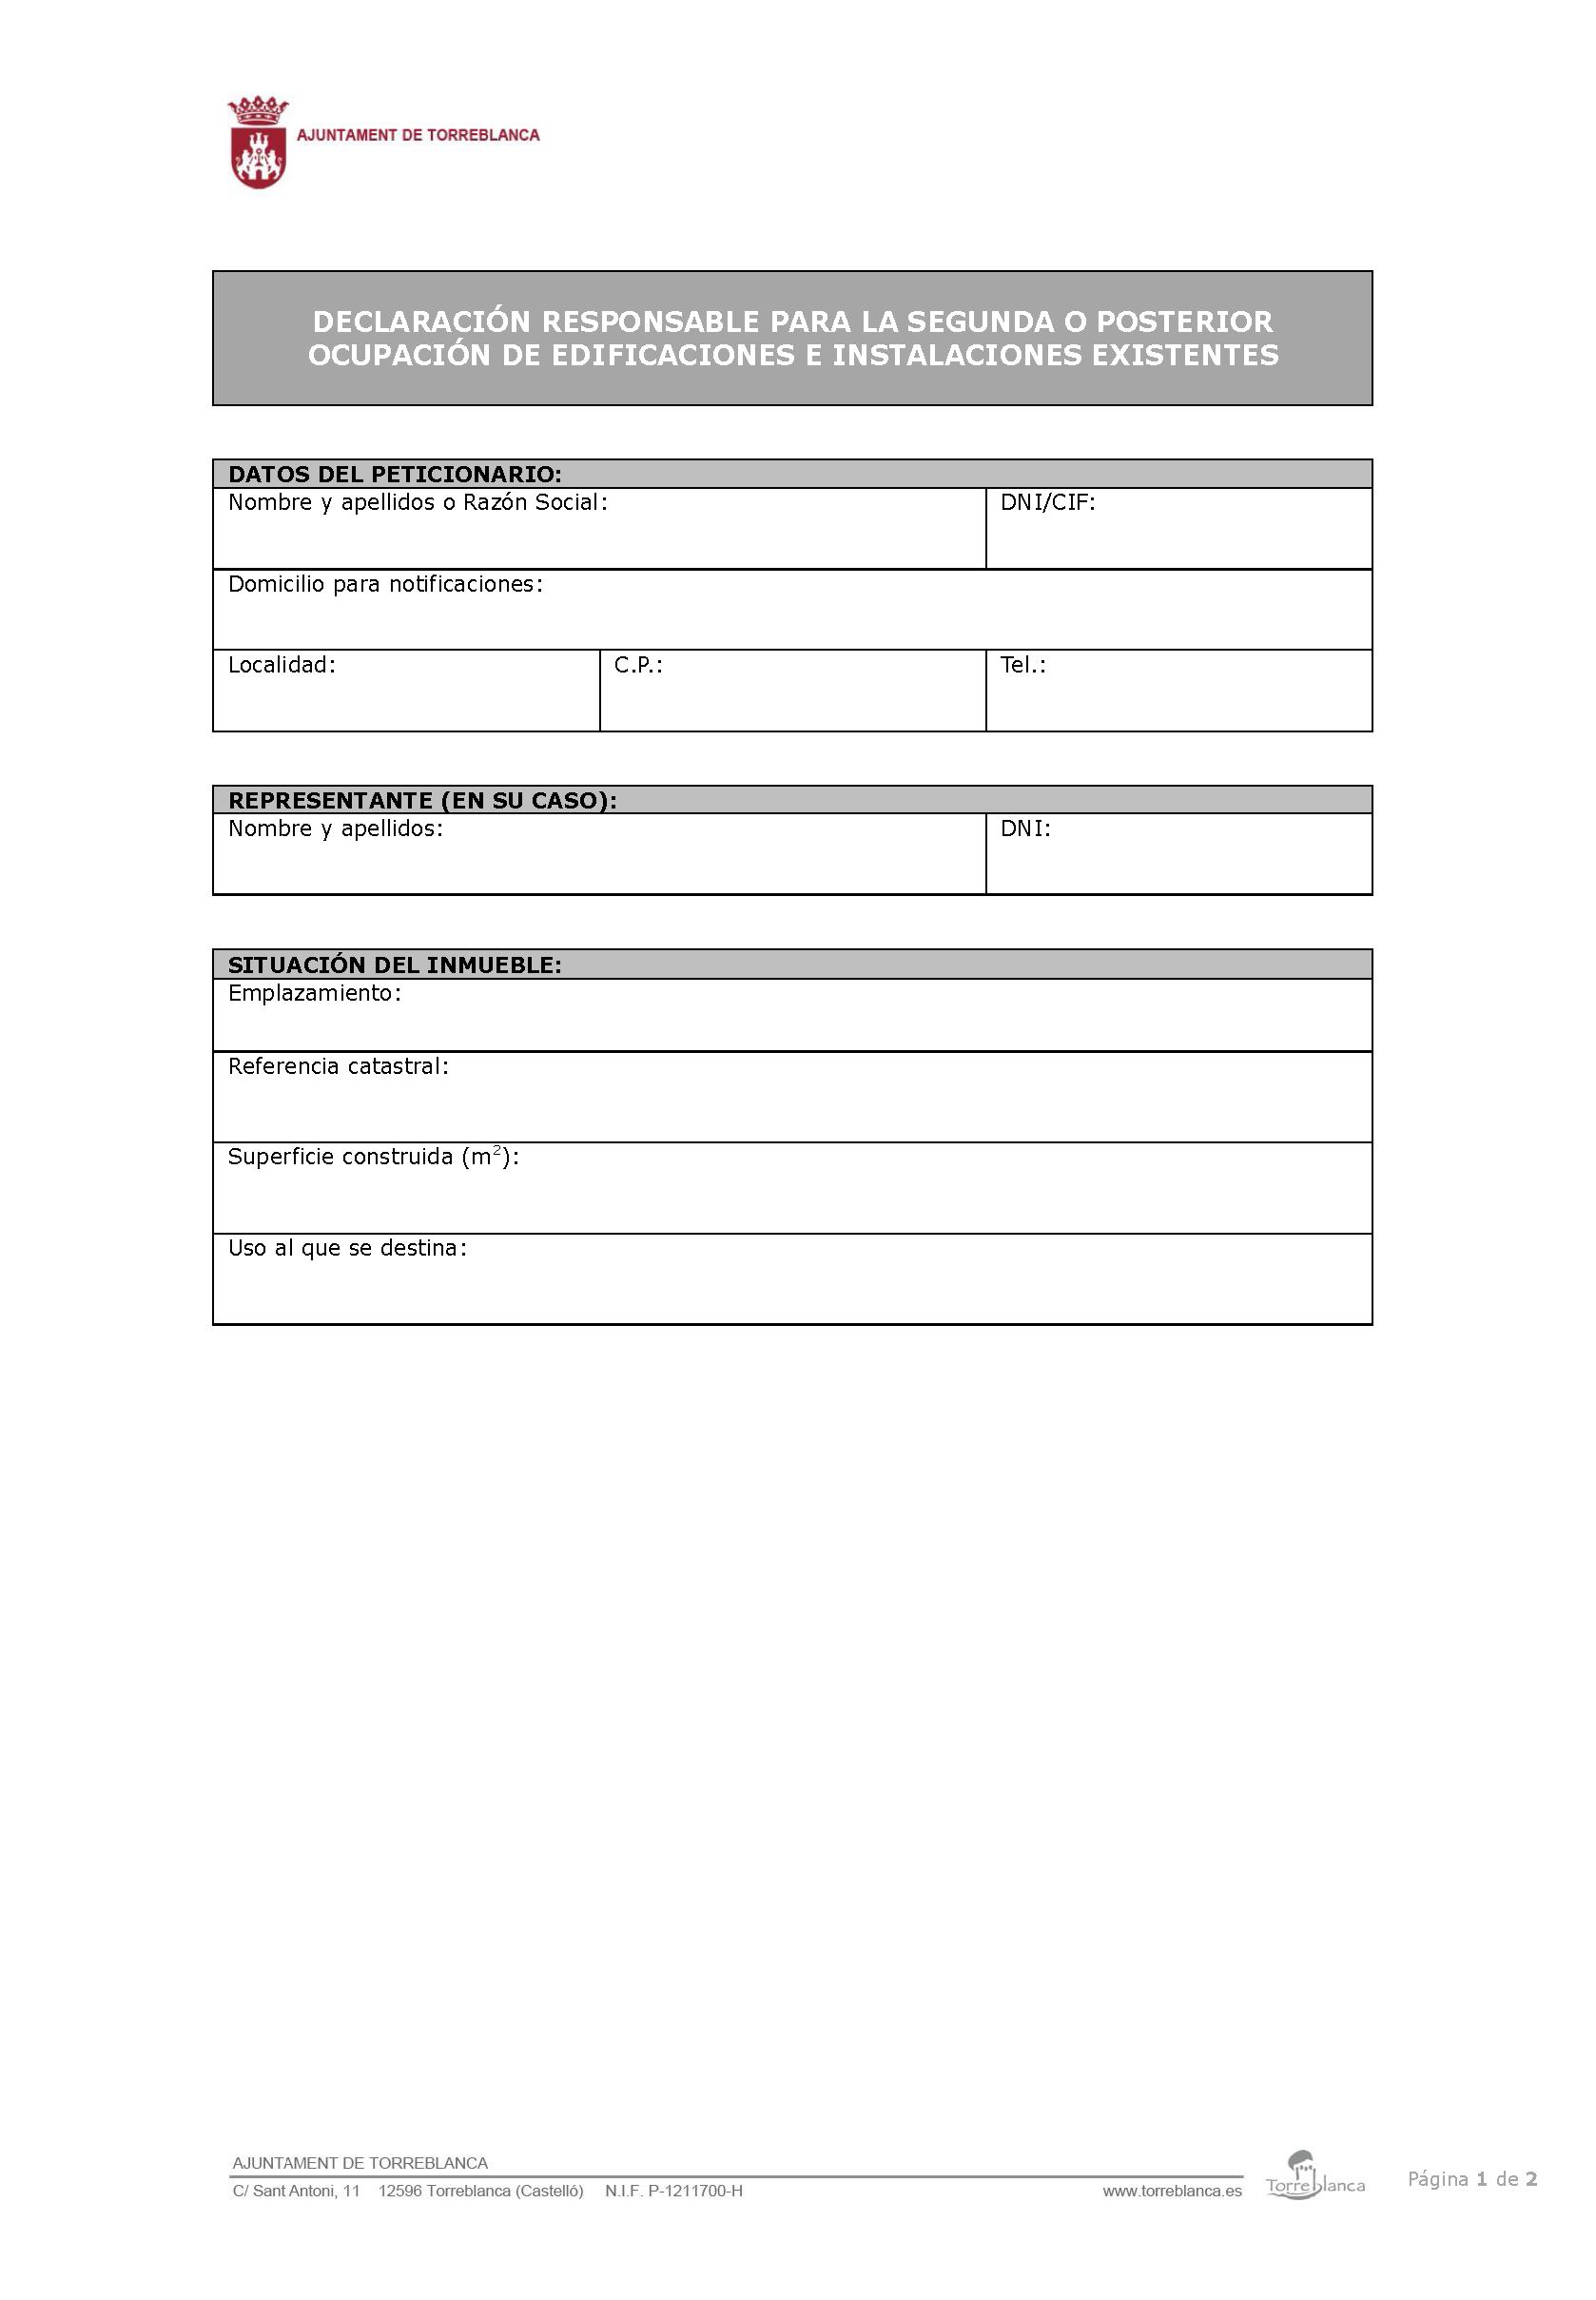 Impreso Declaración Responsable Segunda Ocupación Torreblanca